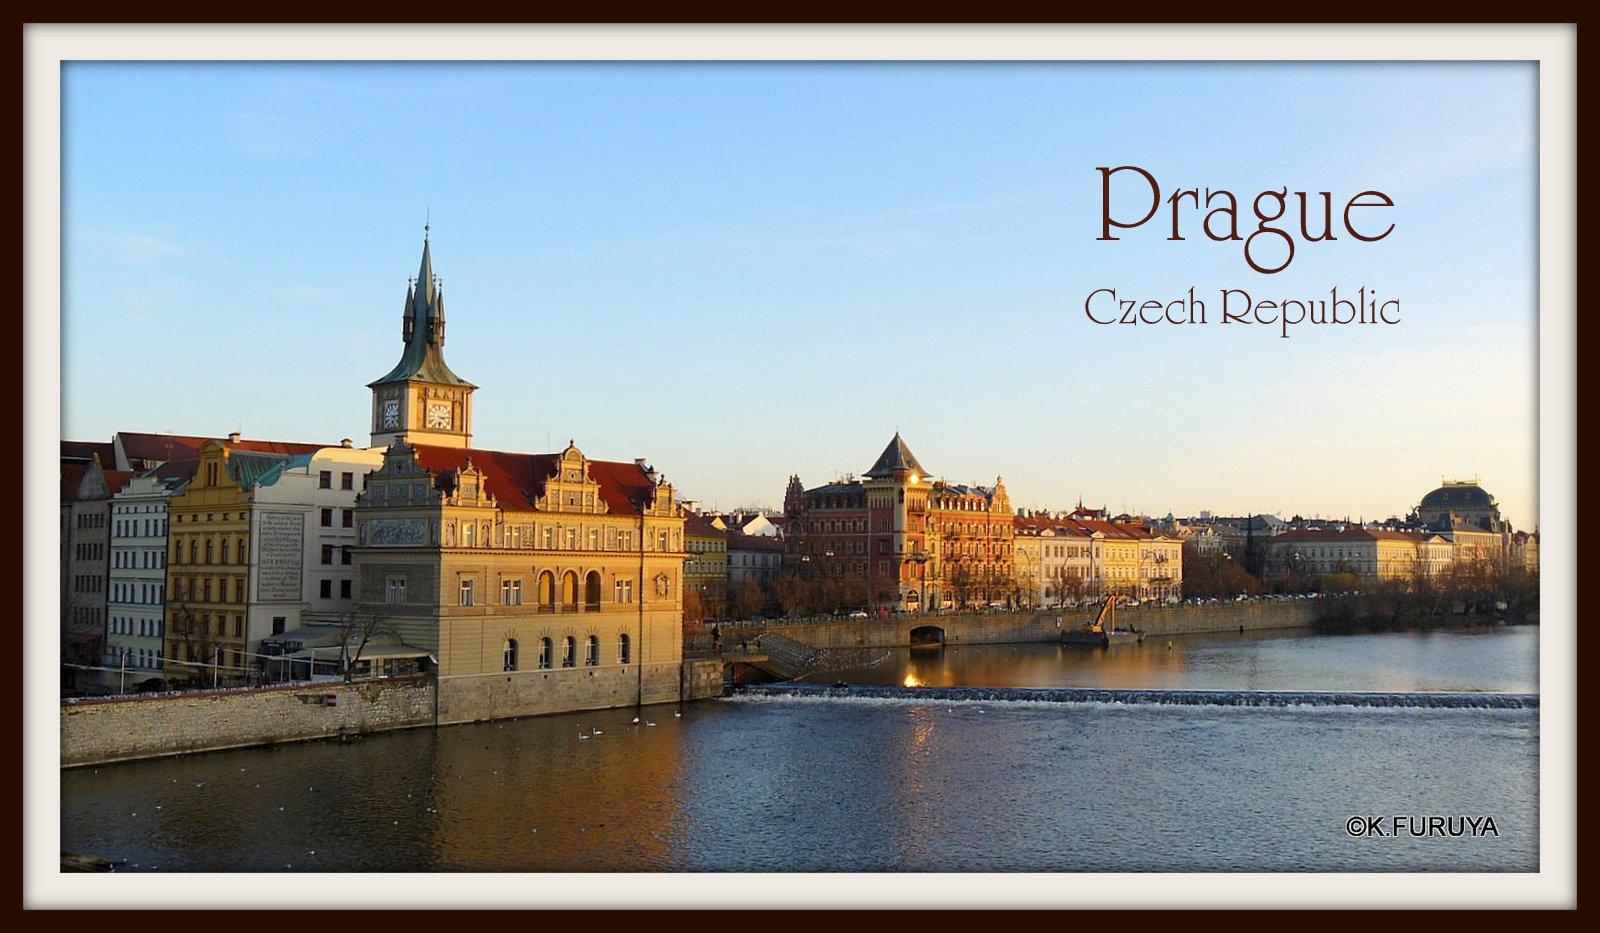 プラハ 7   カレル橋はいつも満員!_a0092659_17524451.jpg